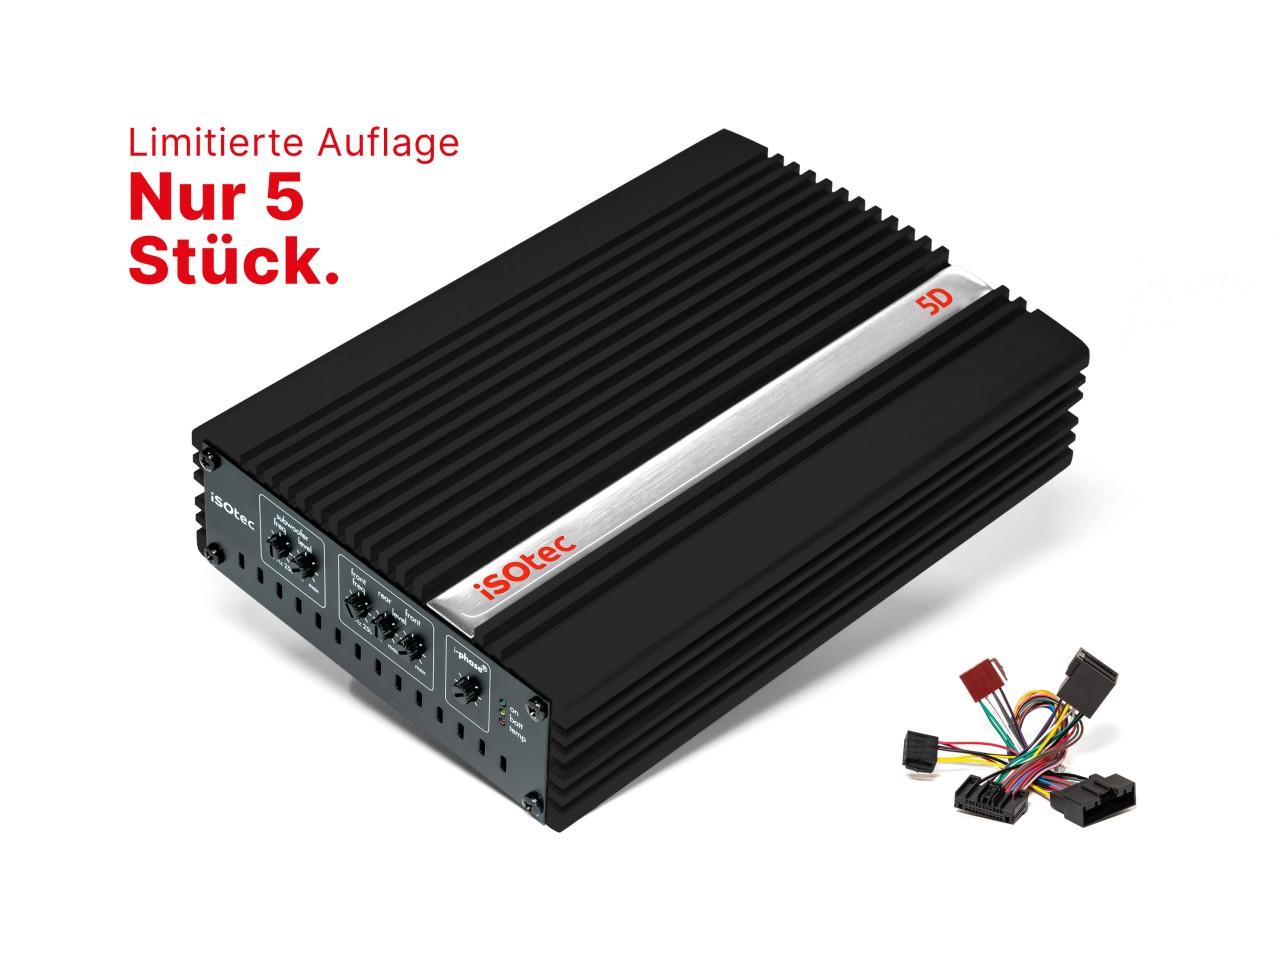 470 Watt Digital Verstärker in limitierter Black Edition